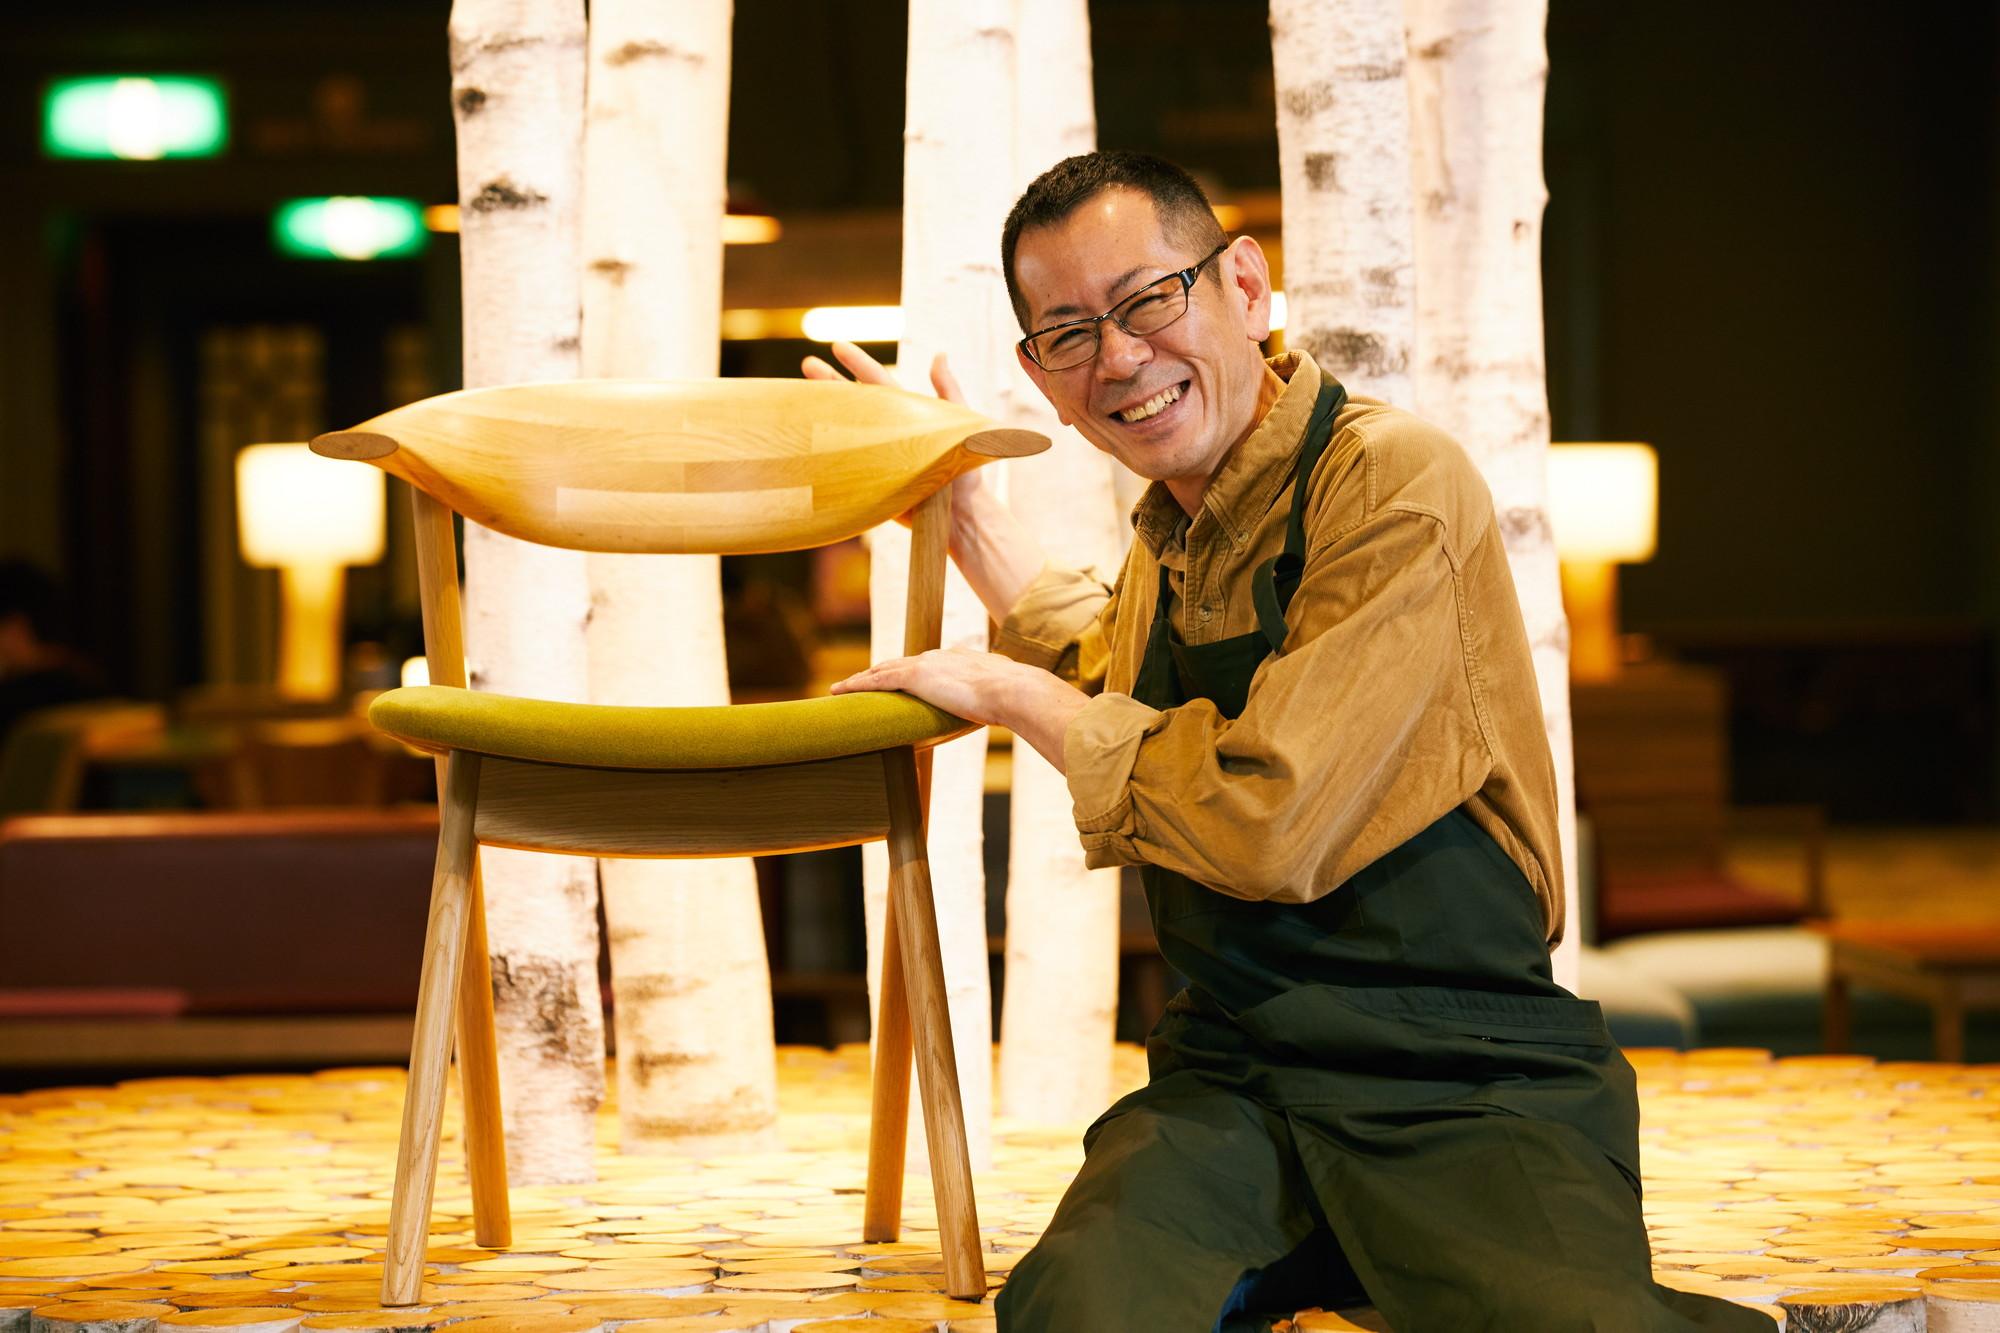 アートイベントではOMOベースに家具職人を招いての解説「本日の一脚」も。写真の椅子は『yamanami(やまなみ)』